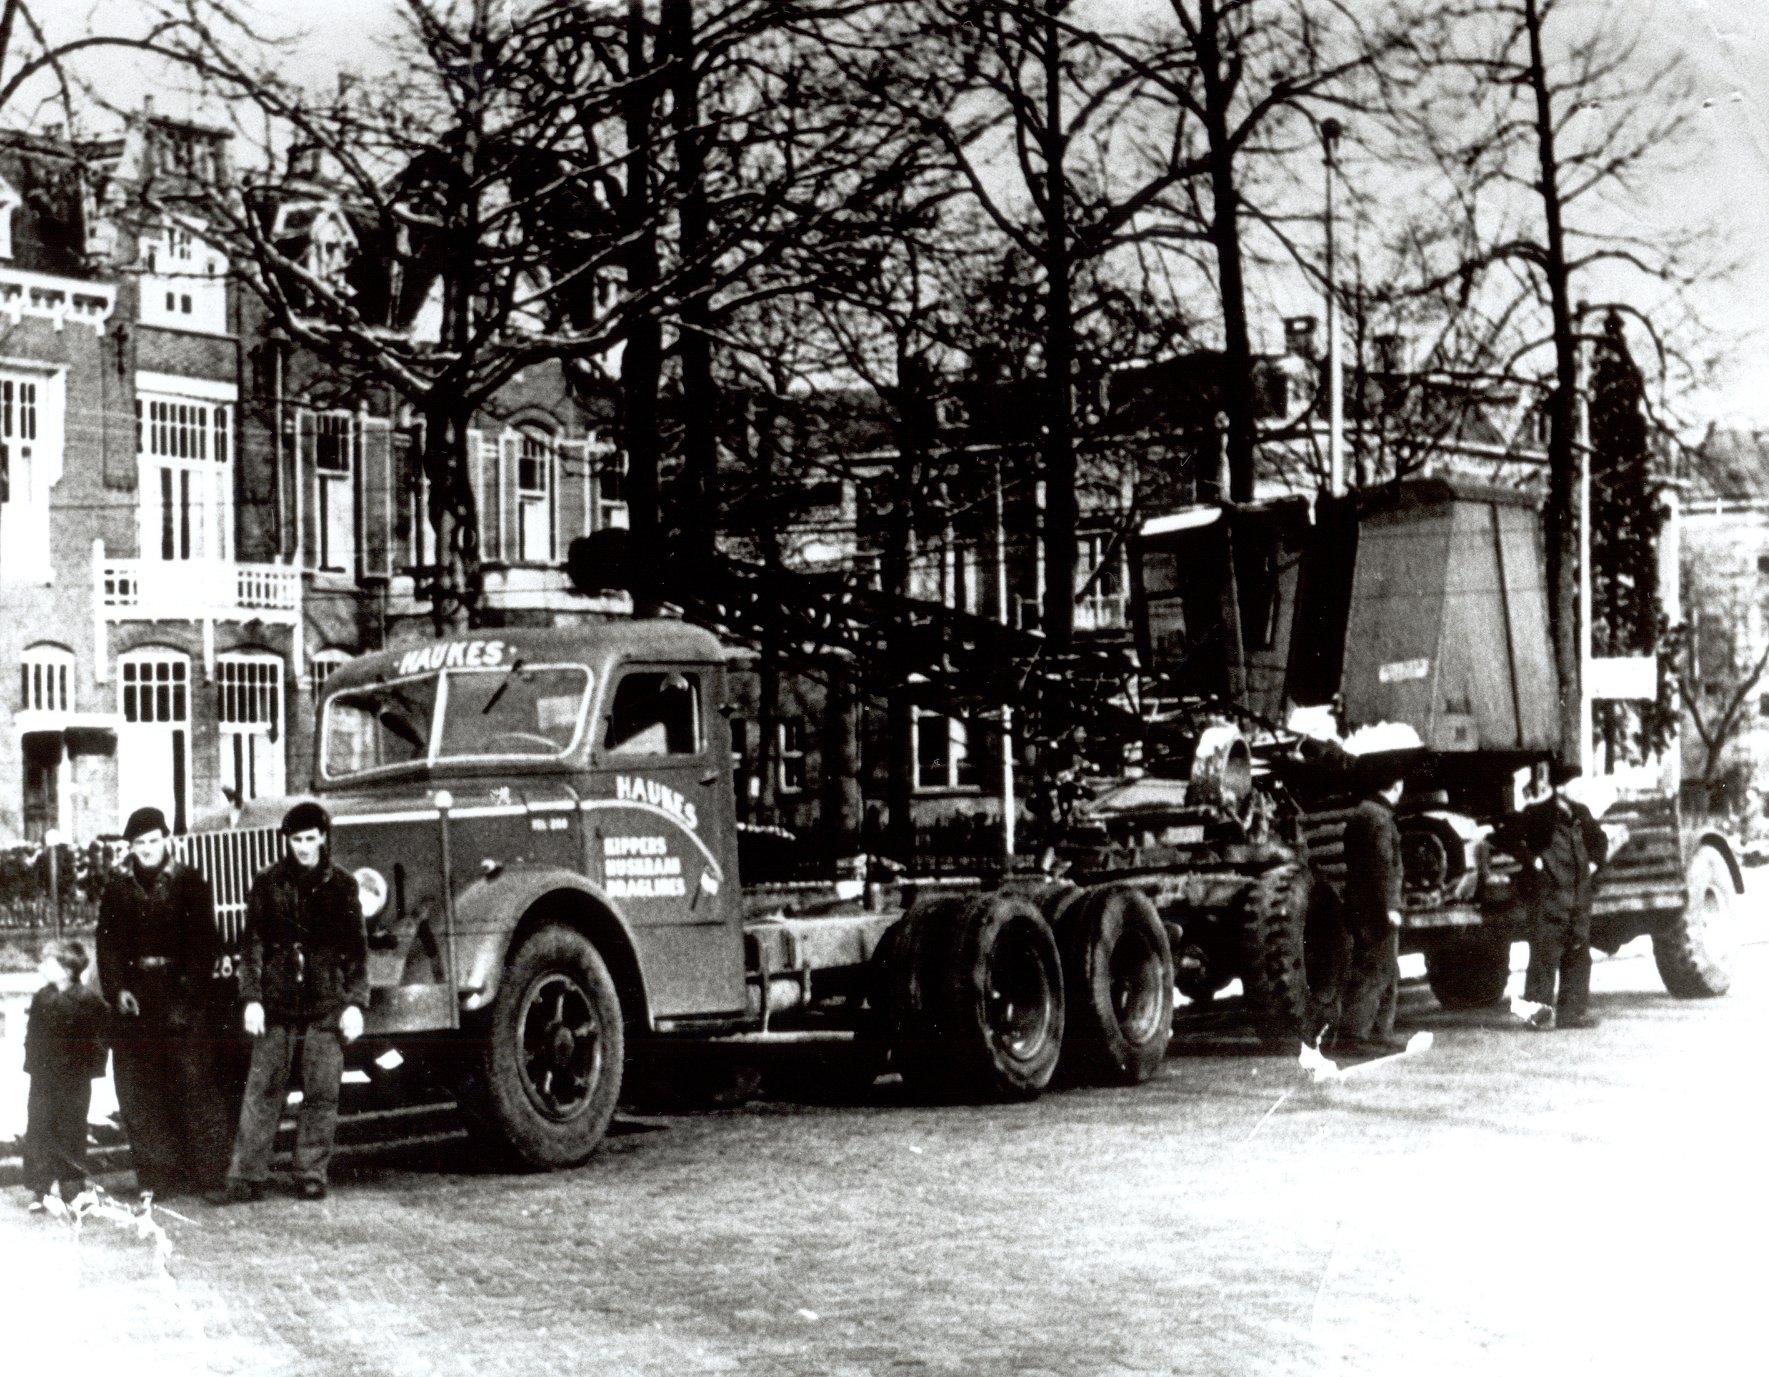 mack-nr-kipper-zonder-laadbak-op-de-oranjesingel-in-nijmegen-onderweg-naar-zeeland-1953-